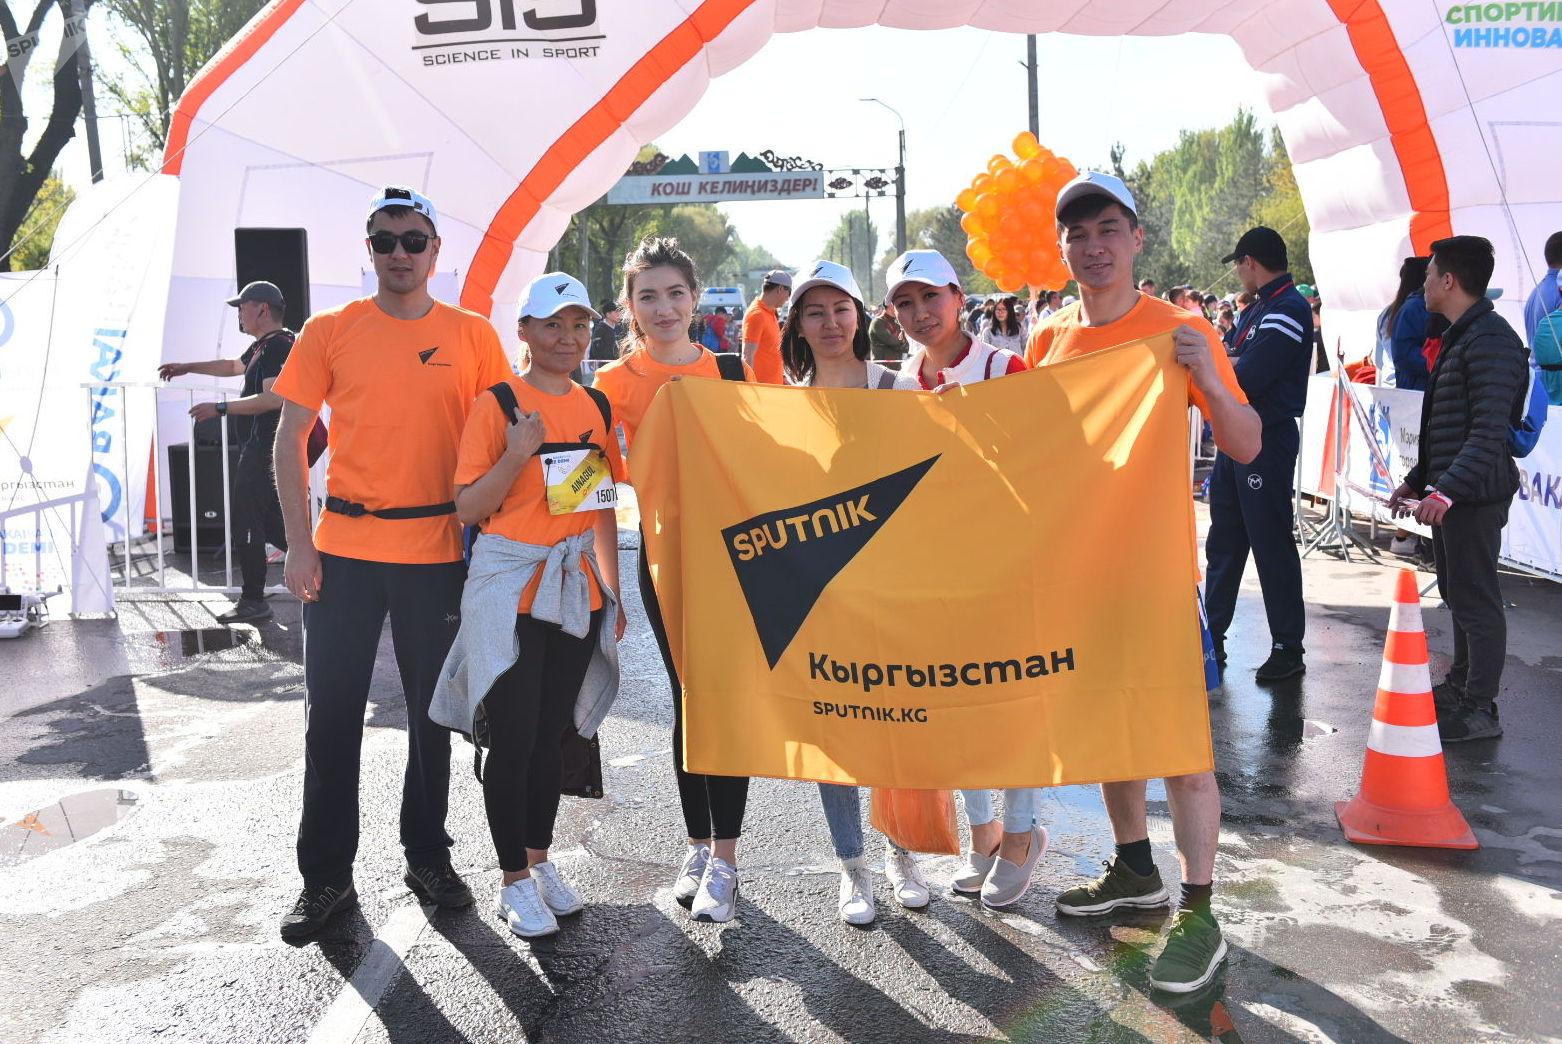 Информационное агентство и радио Sputnik Кыргызстан является международным медиапартнером марафона